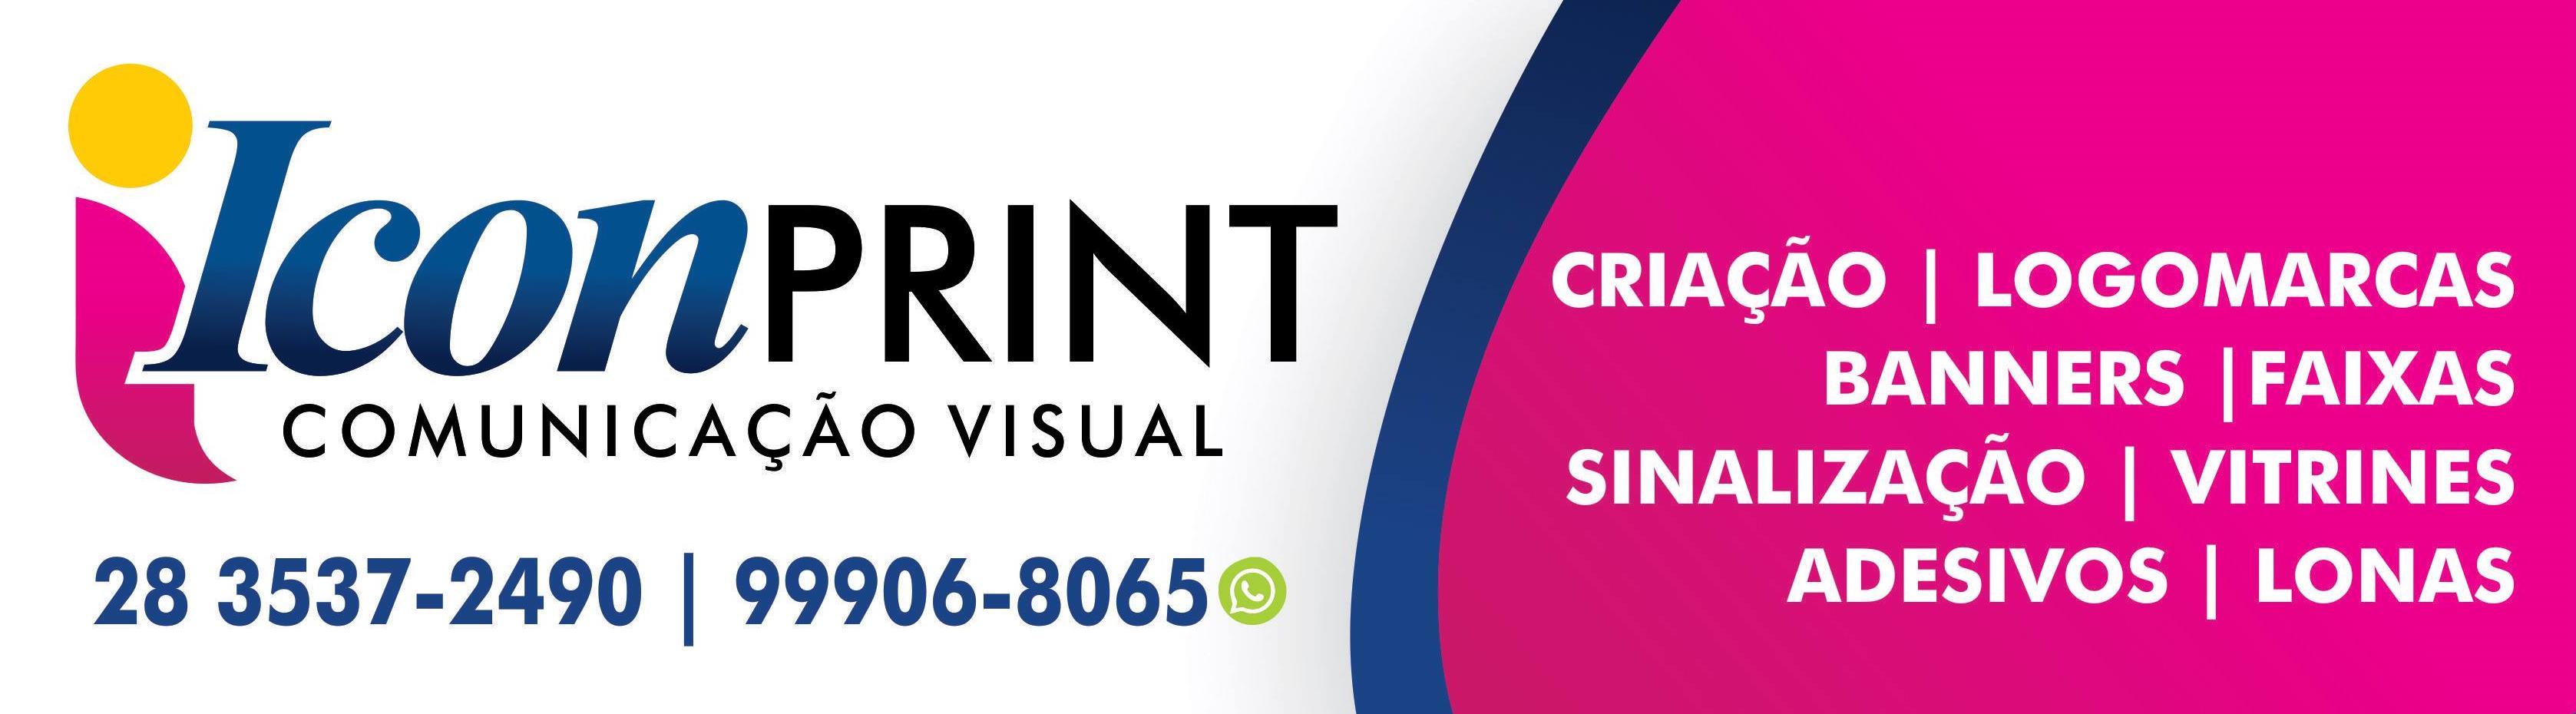 iconprint